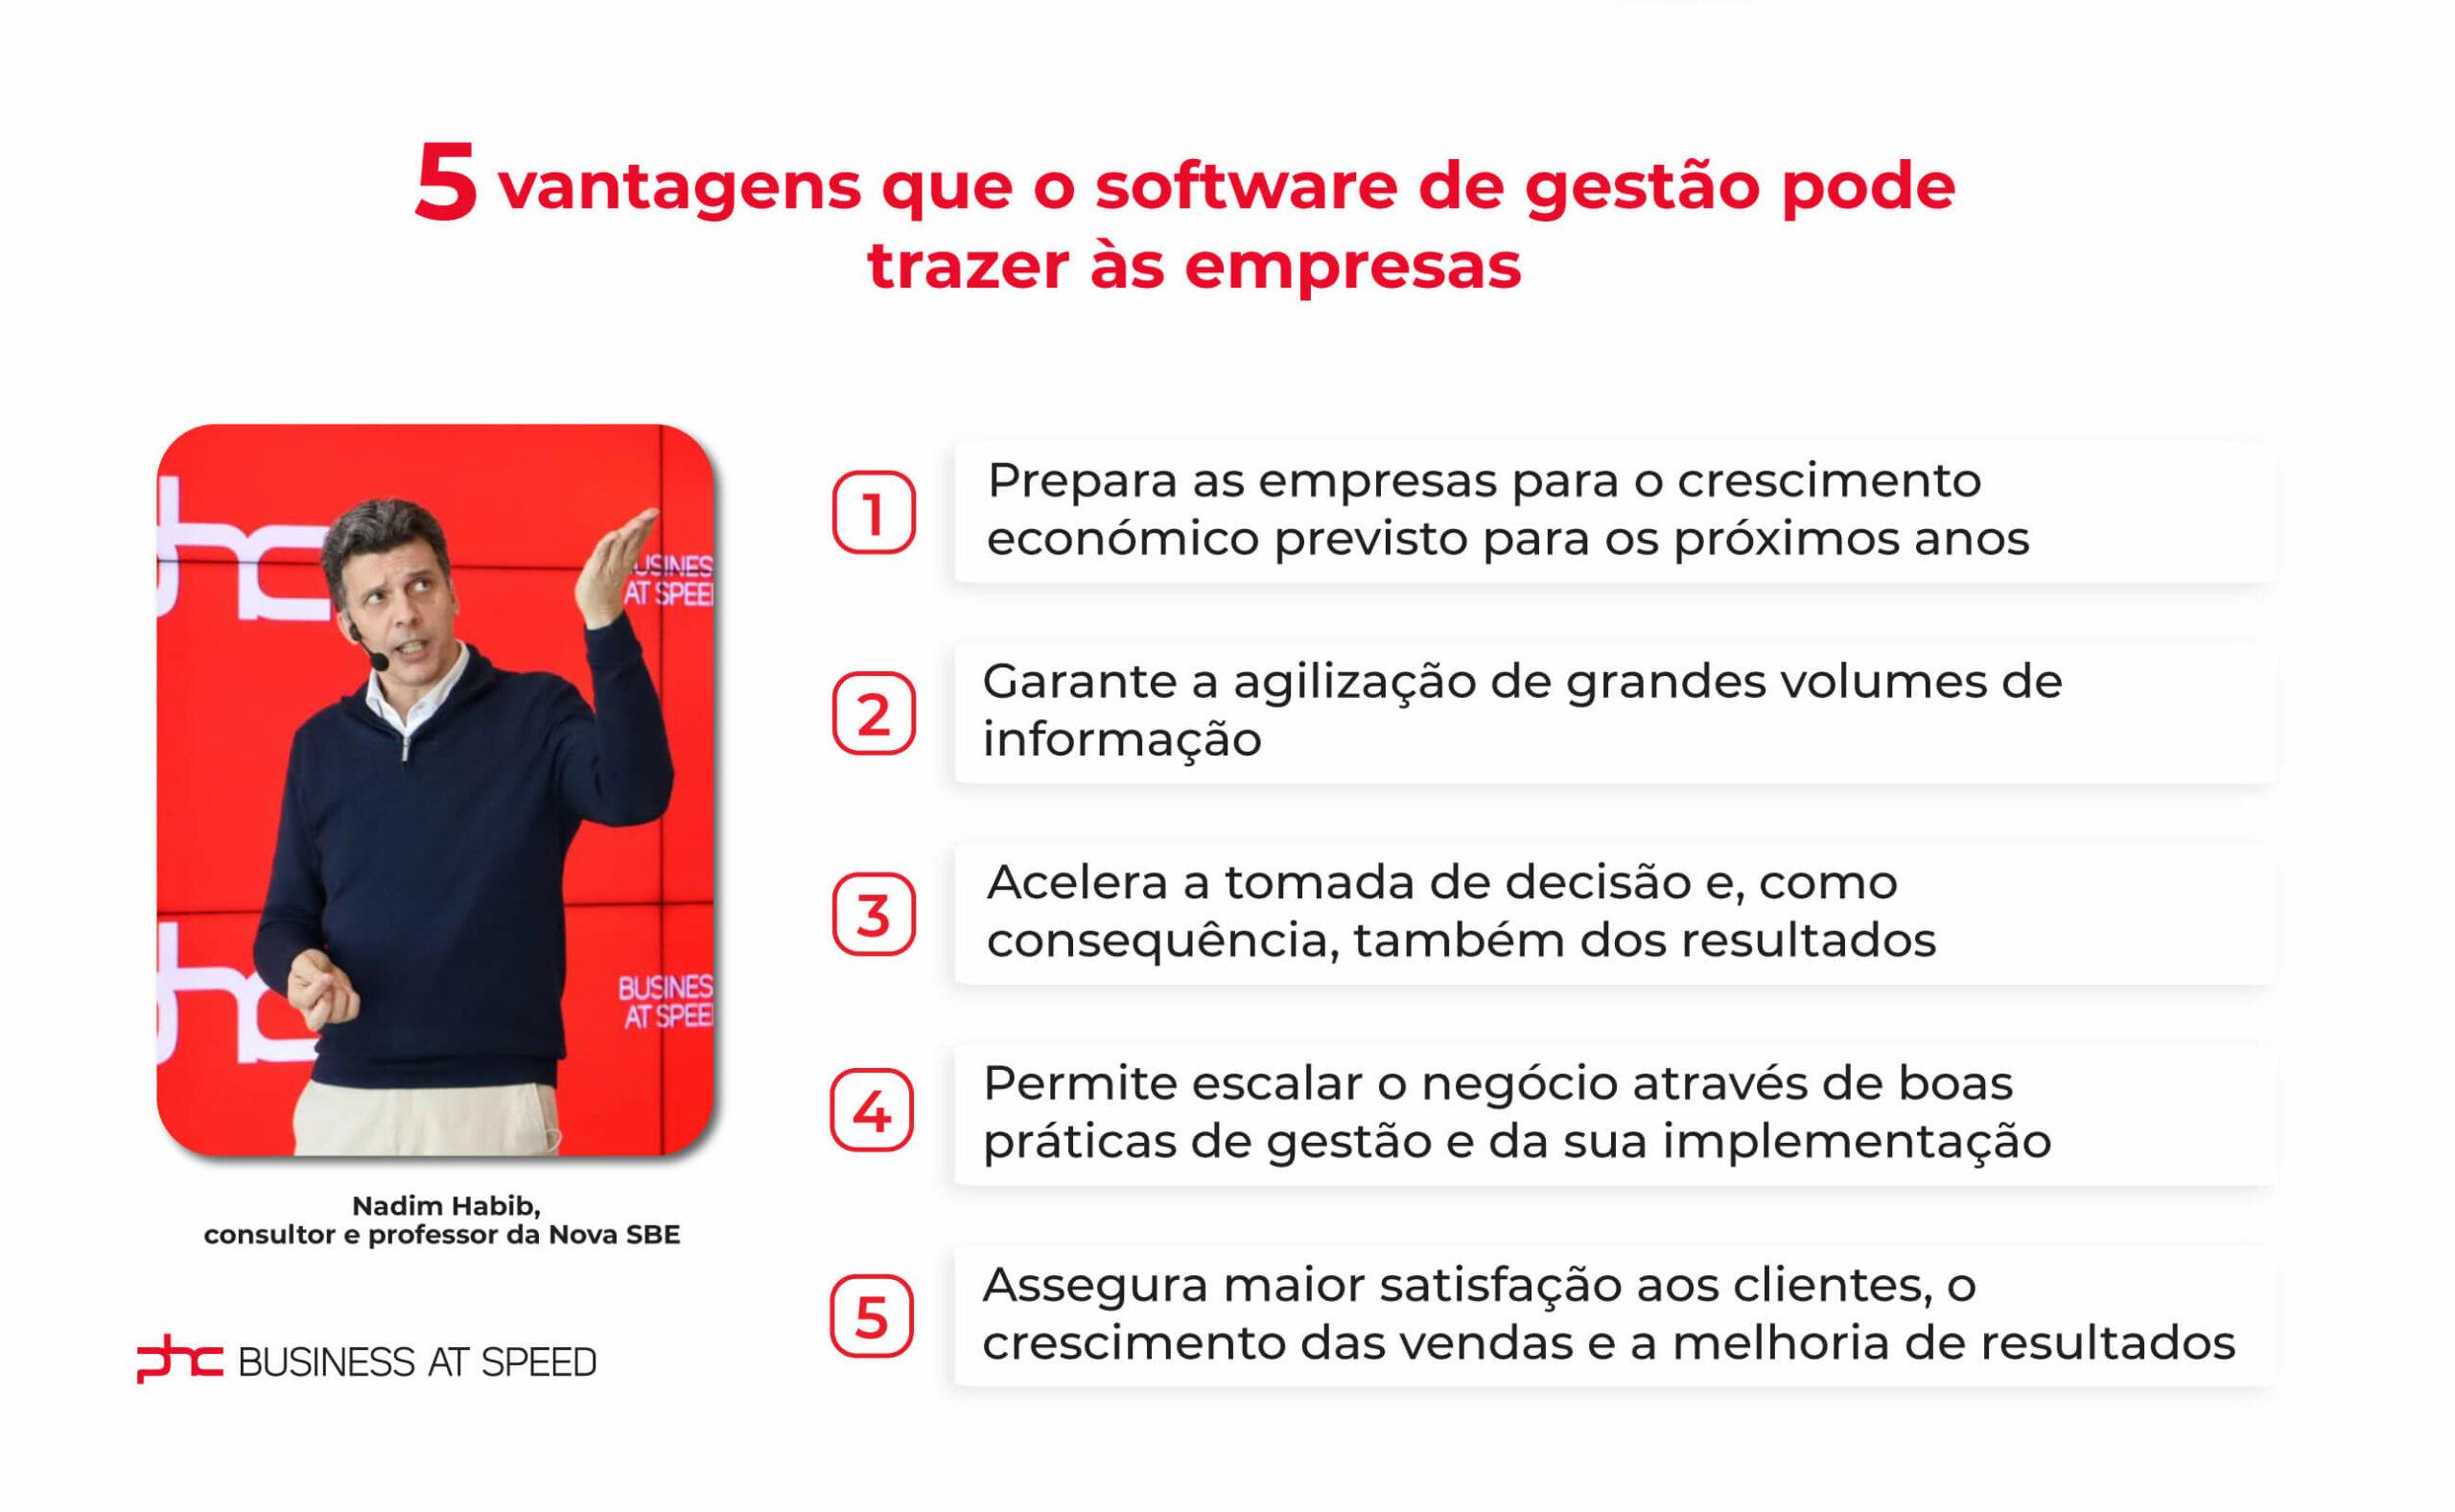 Infográfico com as 5 vantagens que o software de gestão pode trazer às empresas com fotografia do professor nadim habib